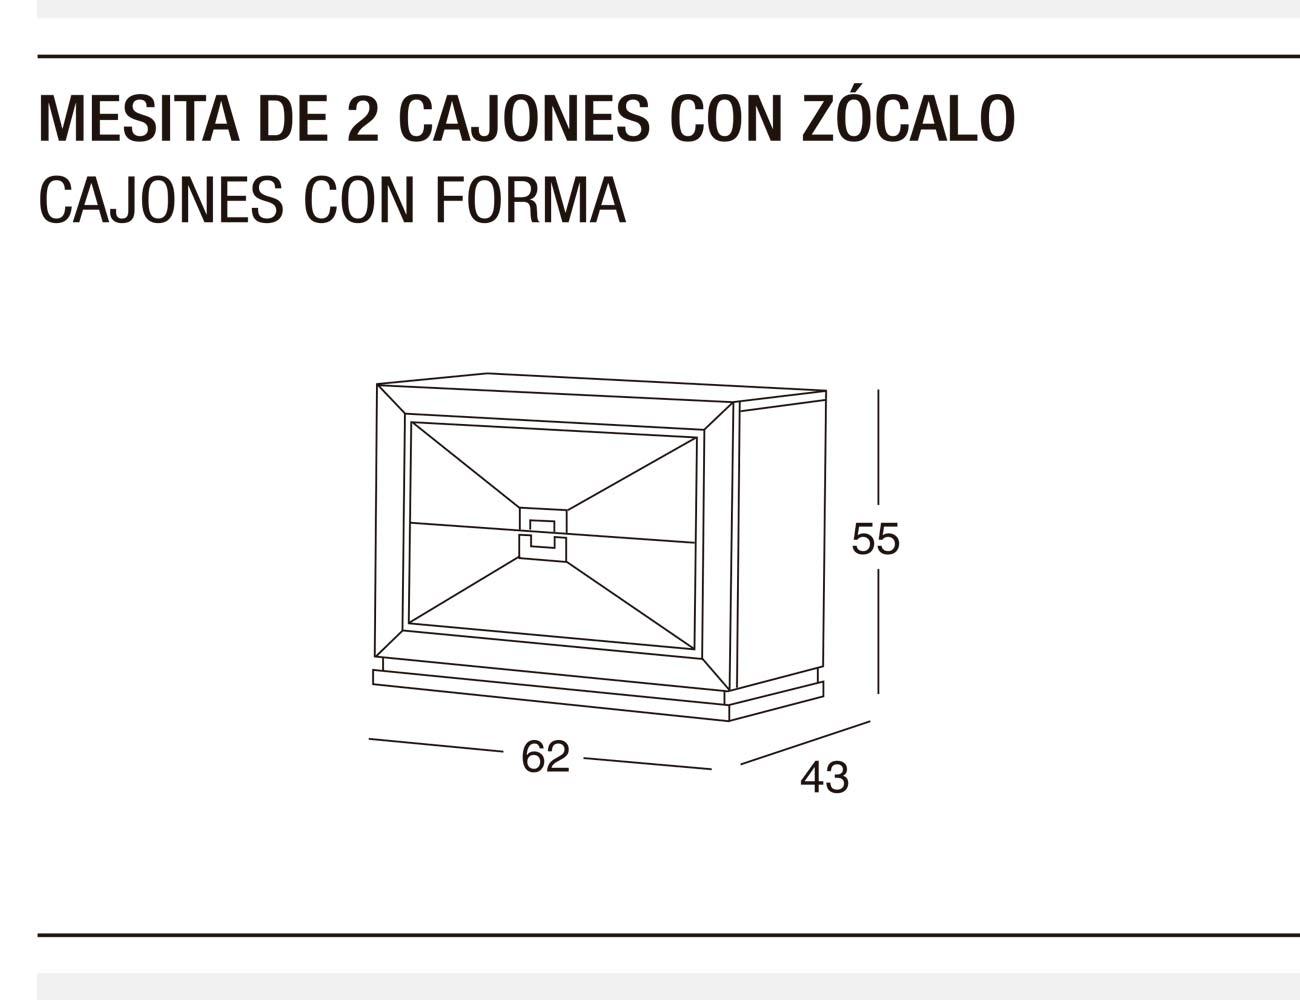 Mesita 2c z forma 62x55x43